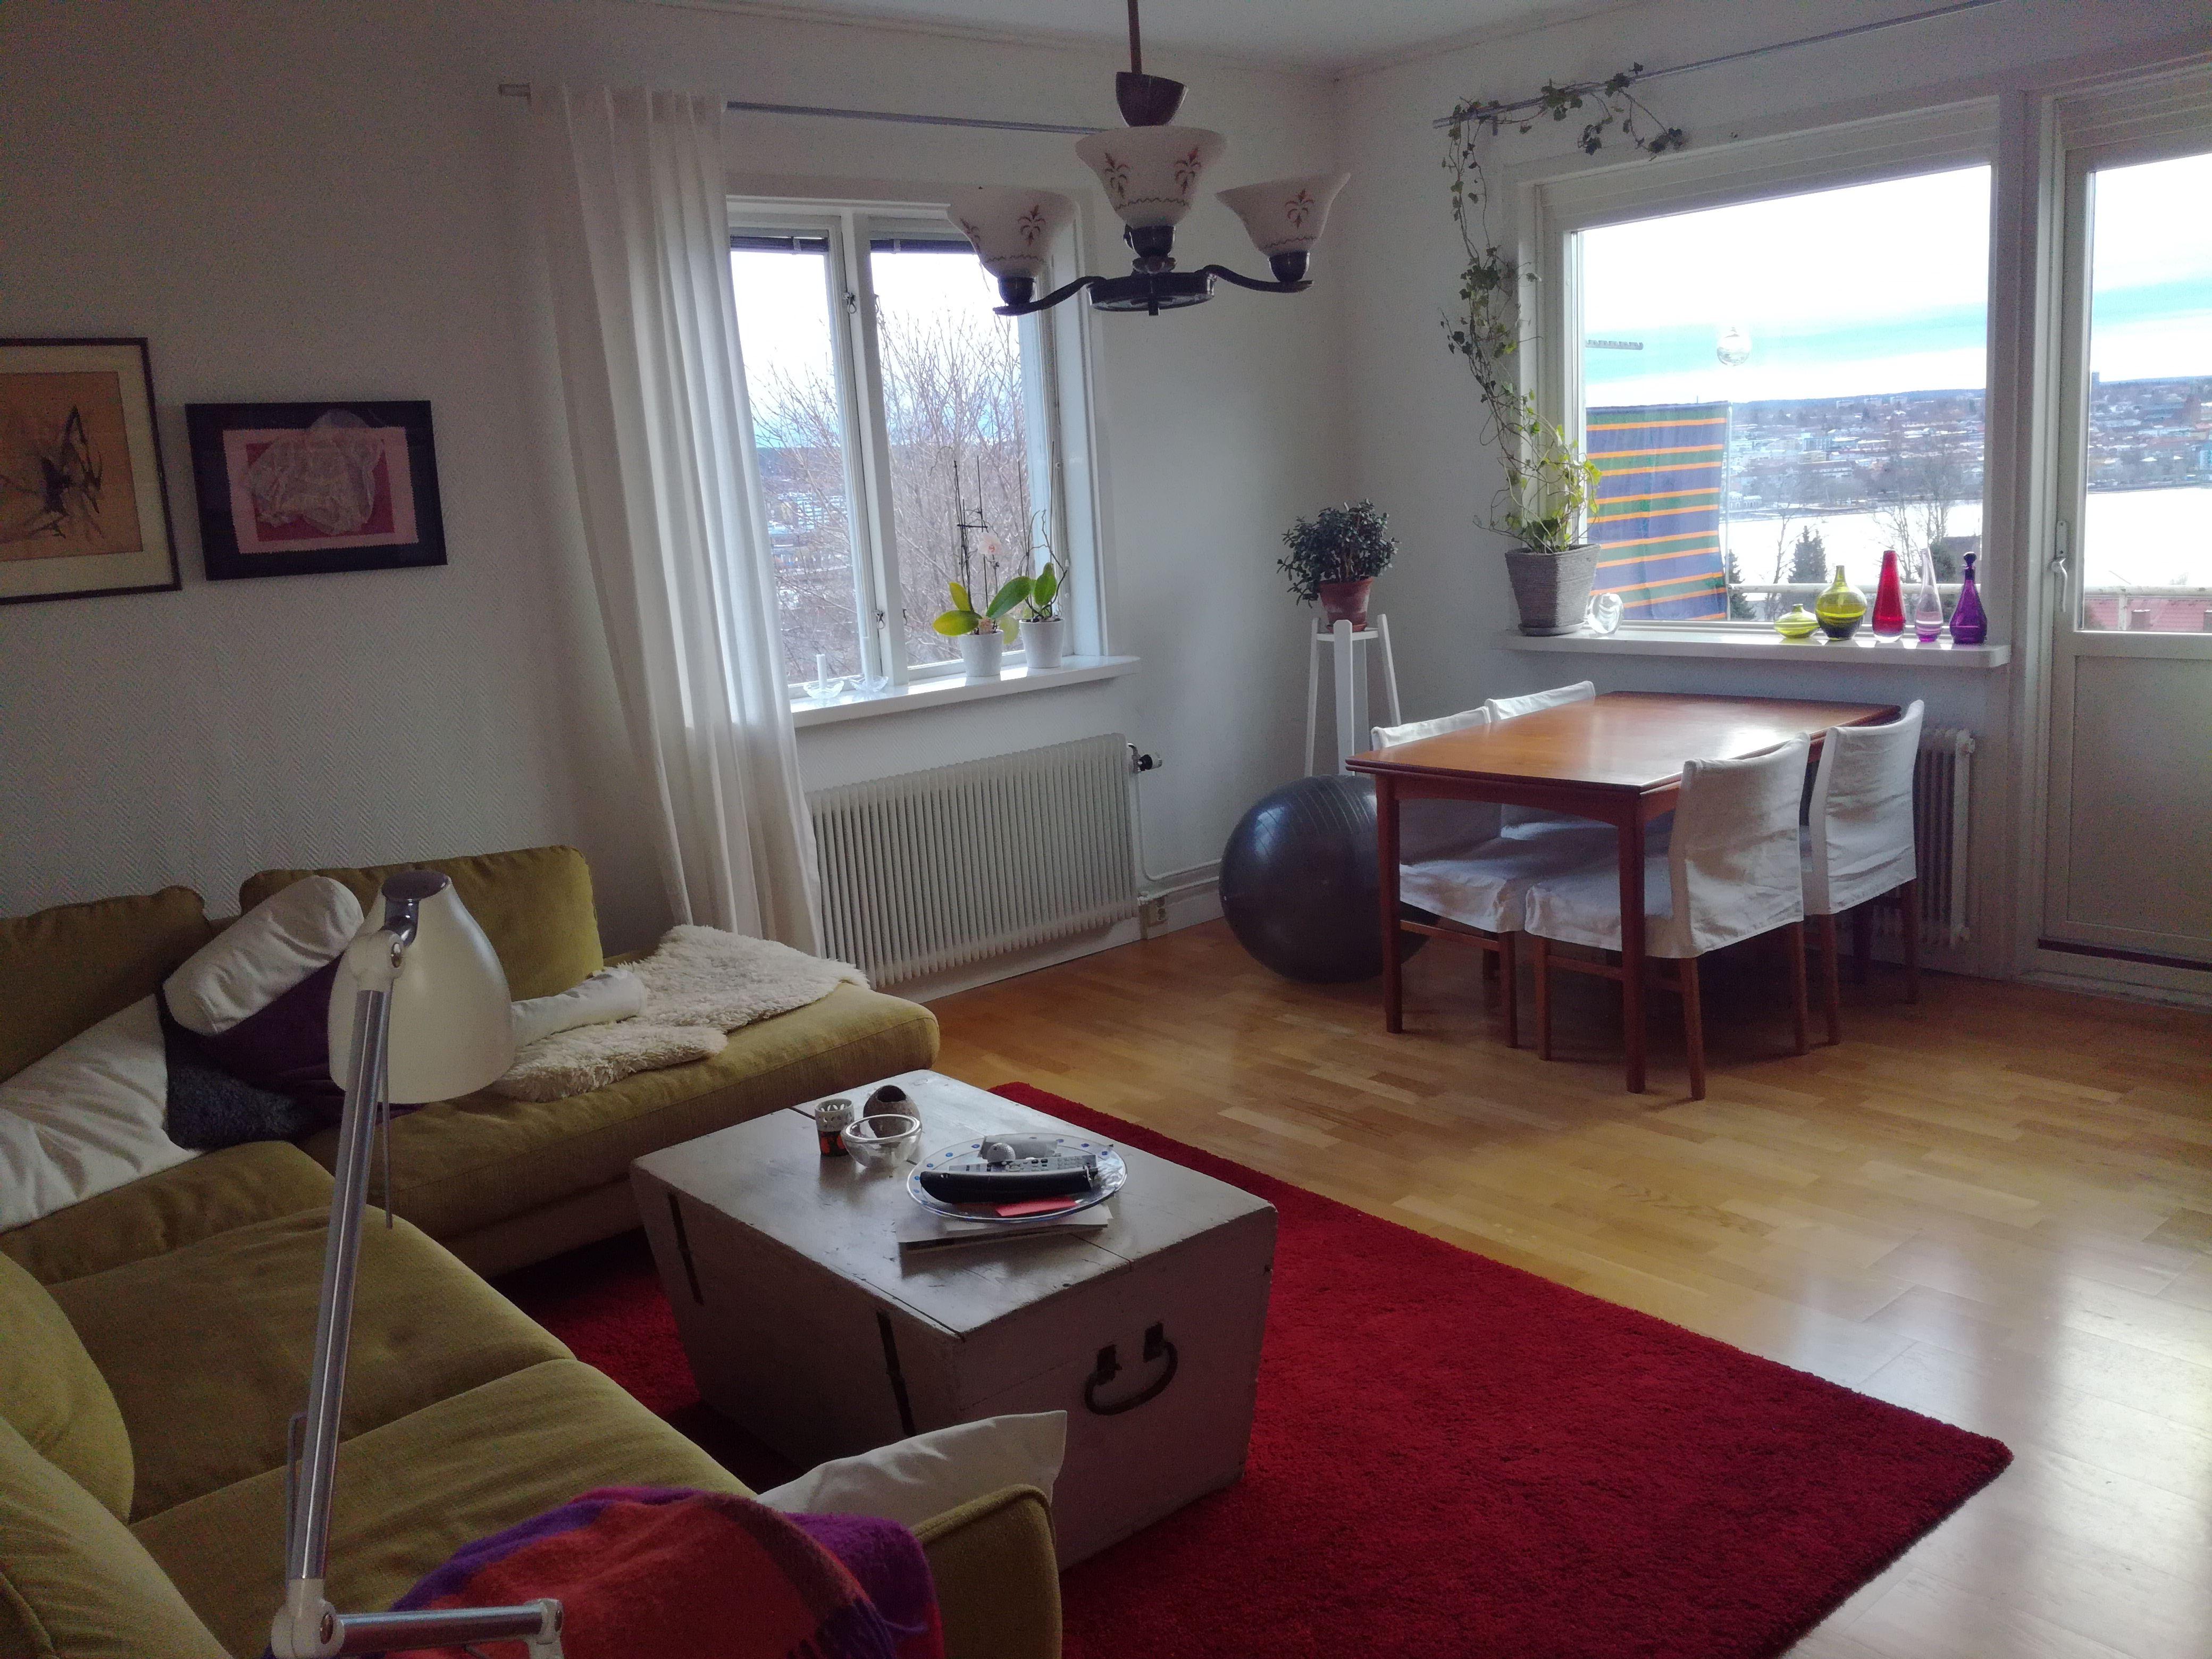 HL156 Apartment at Frösön